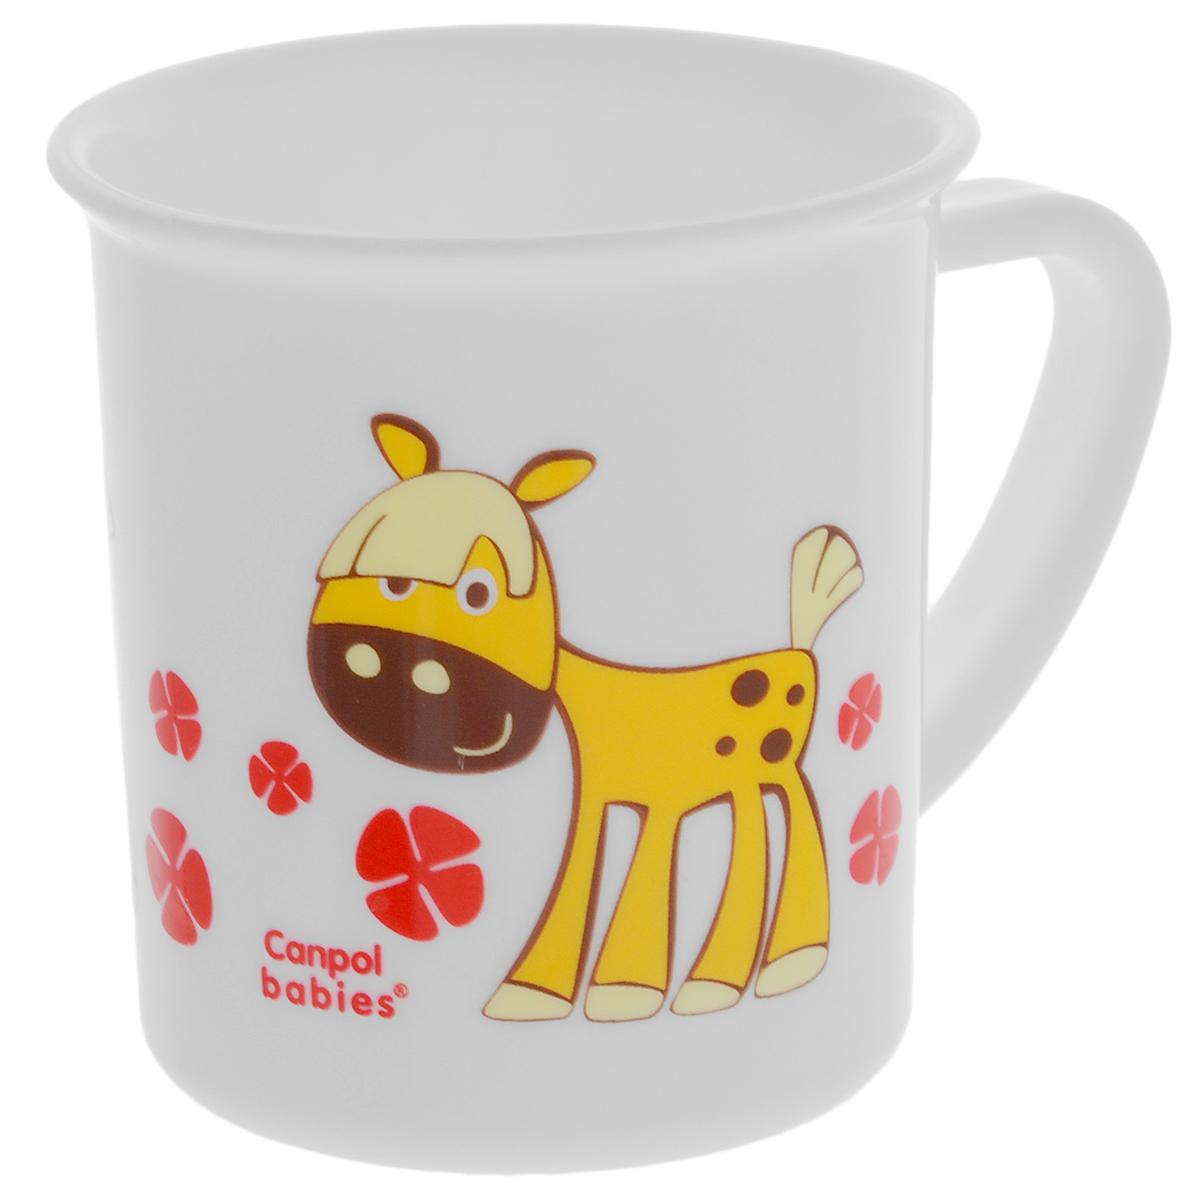 Canpol Babies Чашка детская Лошадка цвет желтый4/413_желтый/лошадкаДетская чашка Canpol Babies предназначена для того, чтобы приучить малыша пить из посуды для взрослых. Чашка выполнена из безопасного полипропилена и оформлена изображением забавной лошадки. Чашка выглядит совсем как обычная, однако она меньше по объему. Если случайно малыш уронит чашку, то она не разобьется.